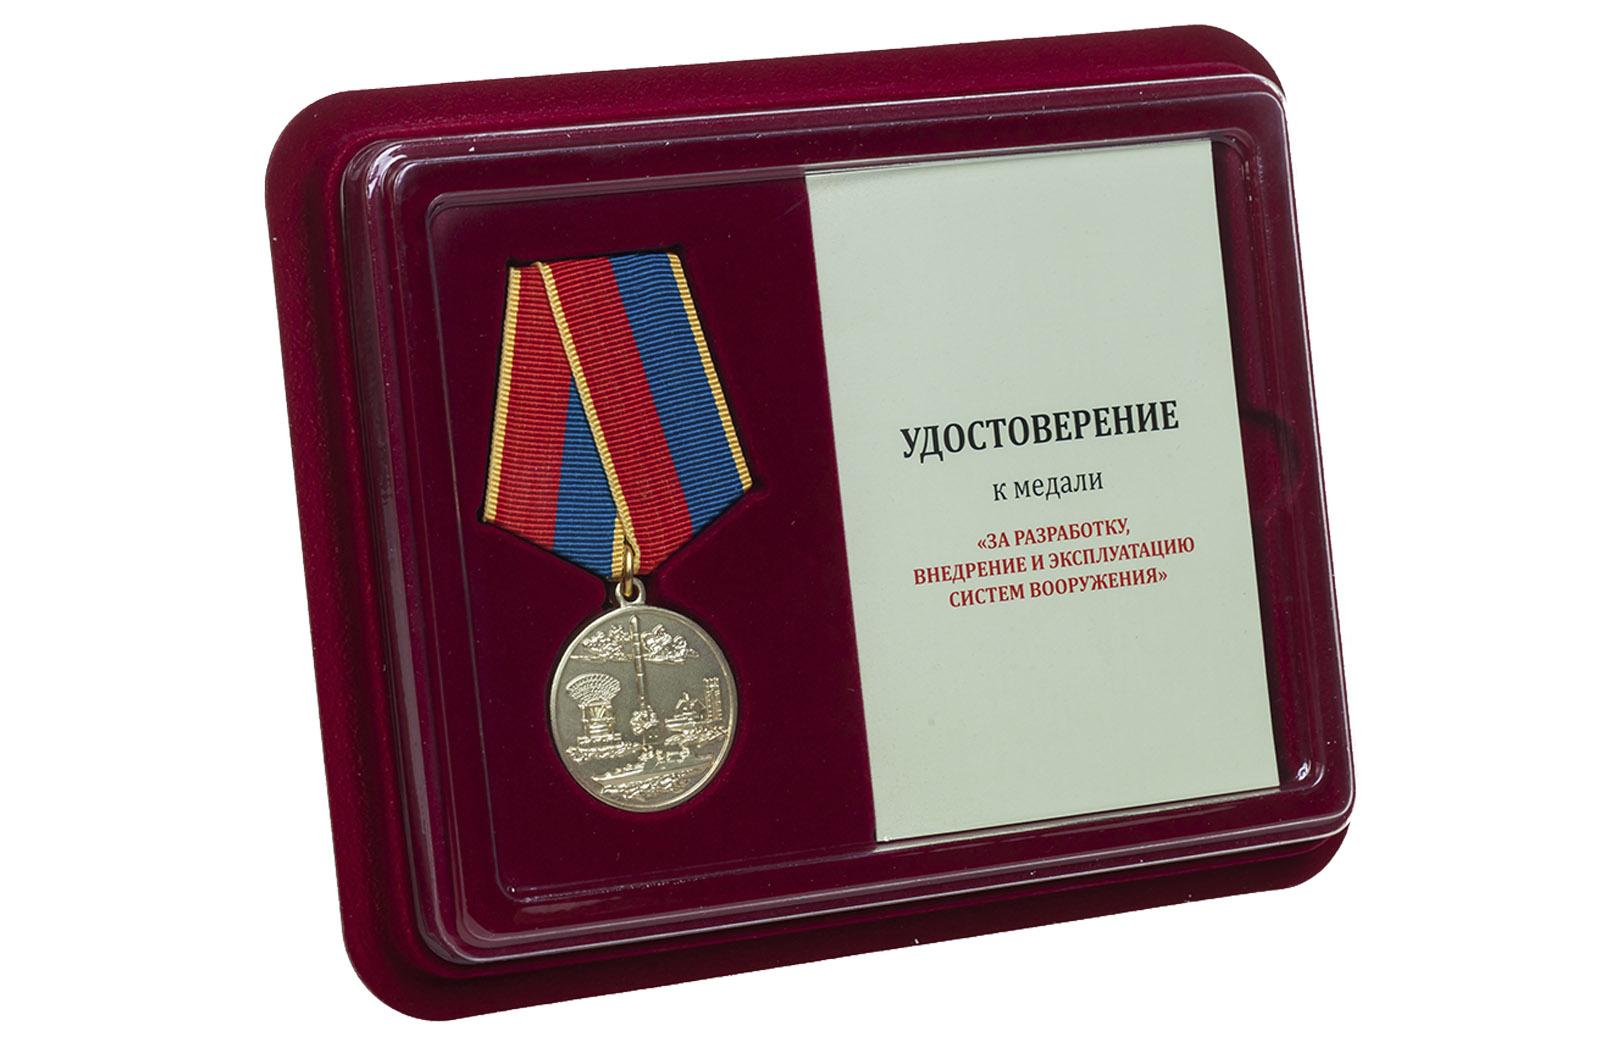 Медаль За разработку, внедрение и эксплуатацию систем вооружения купить по сбалансированной цене